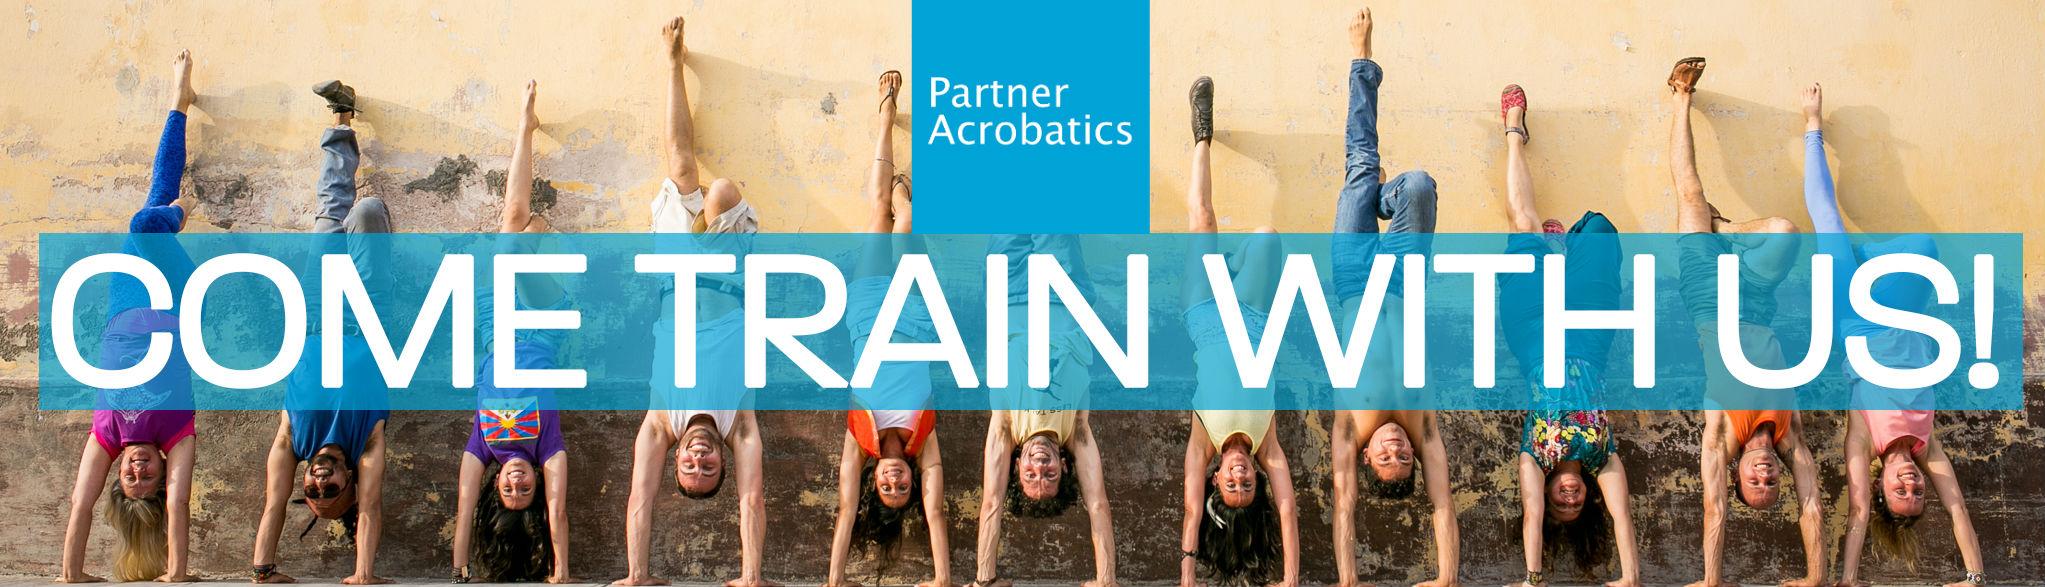 PartnerAcrobatics.com